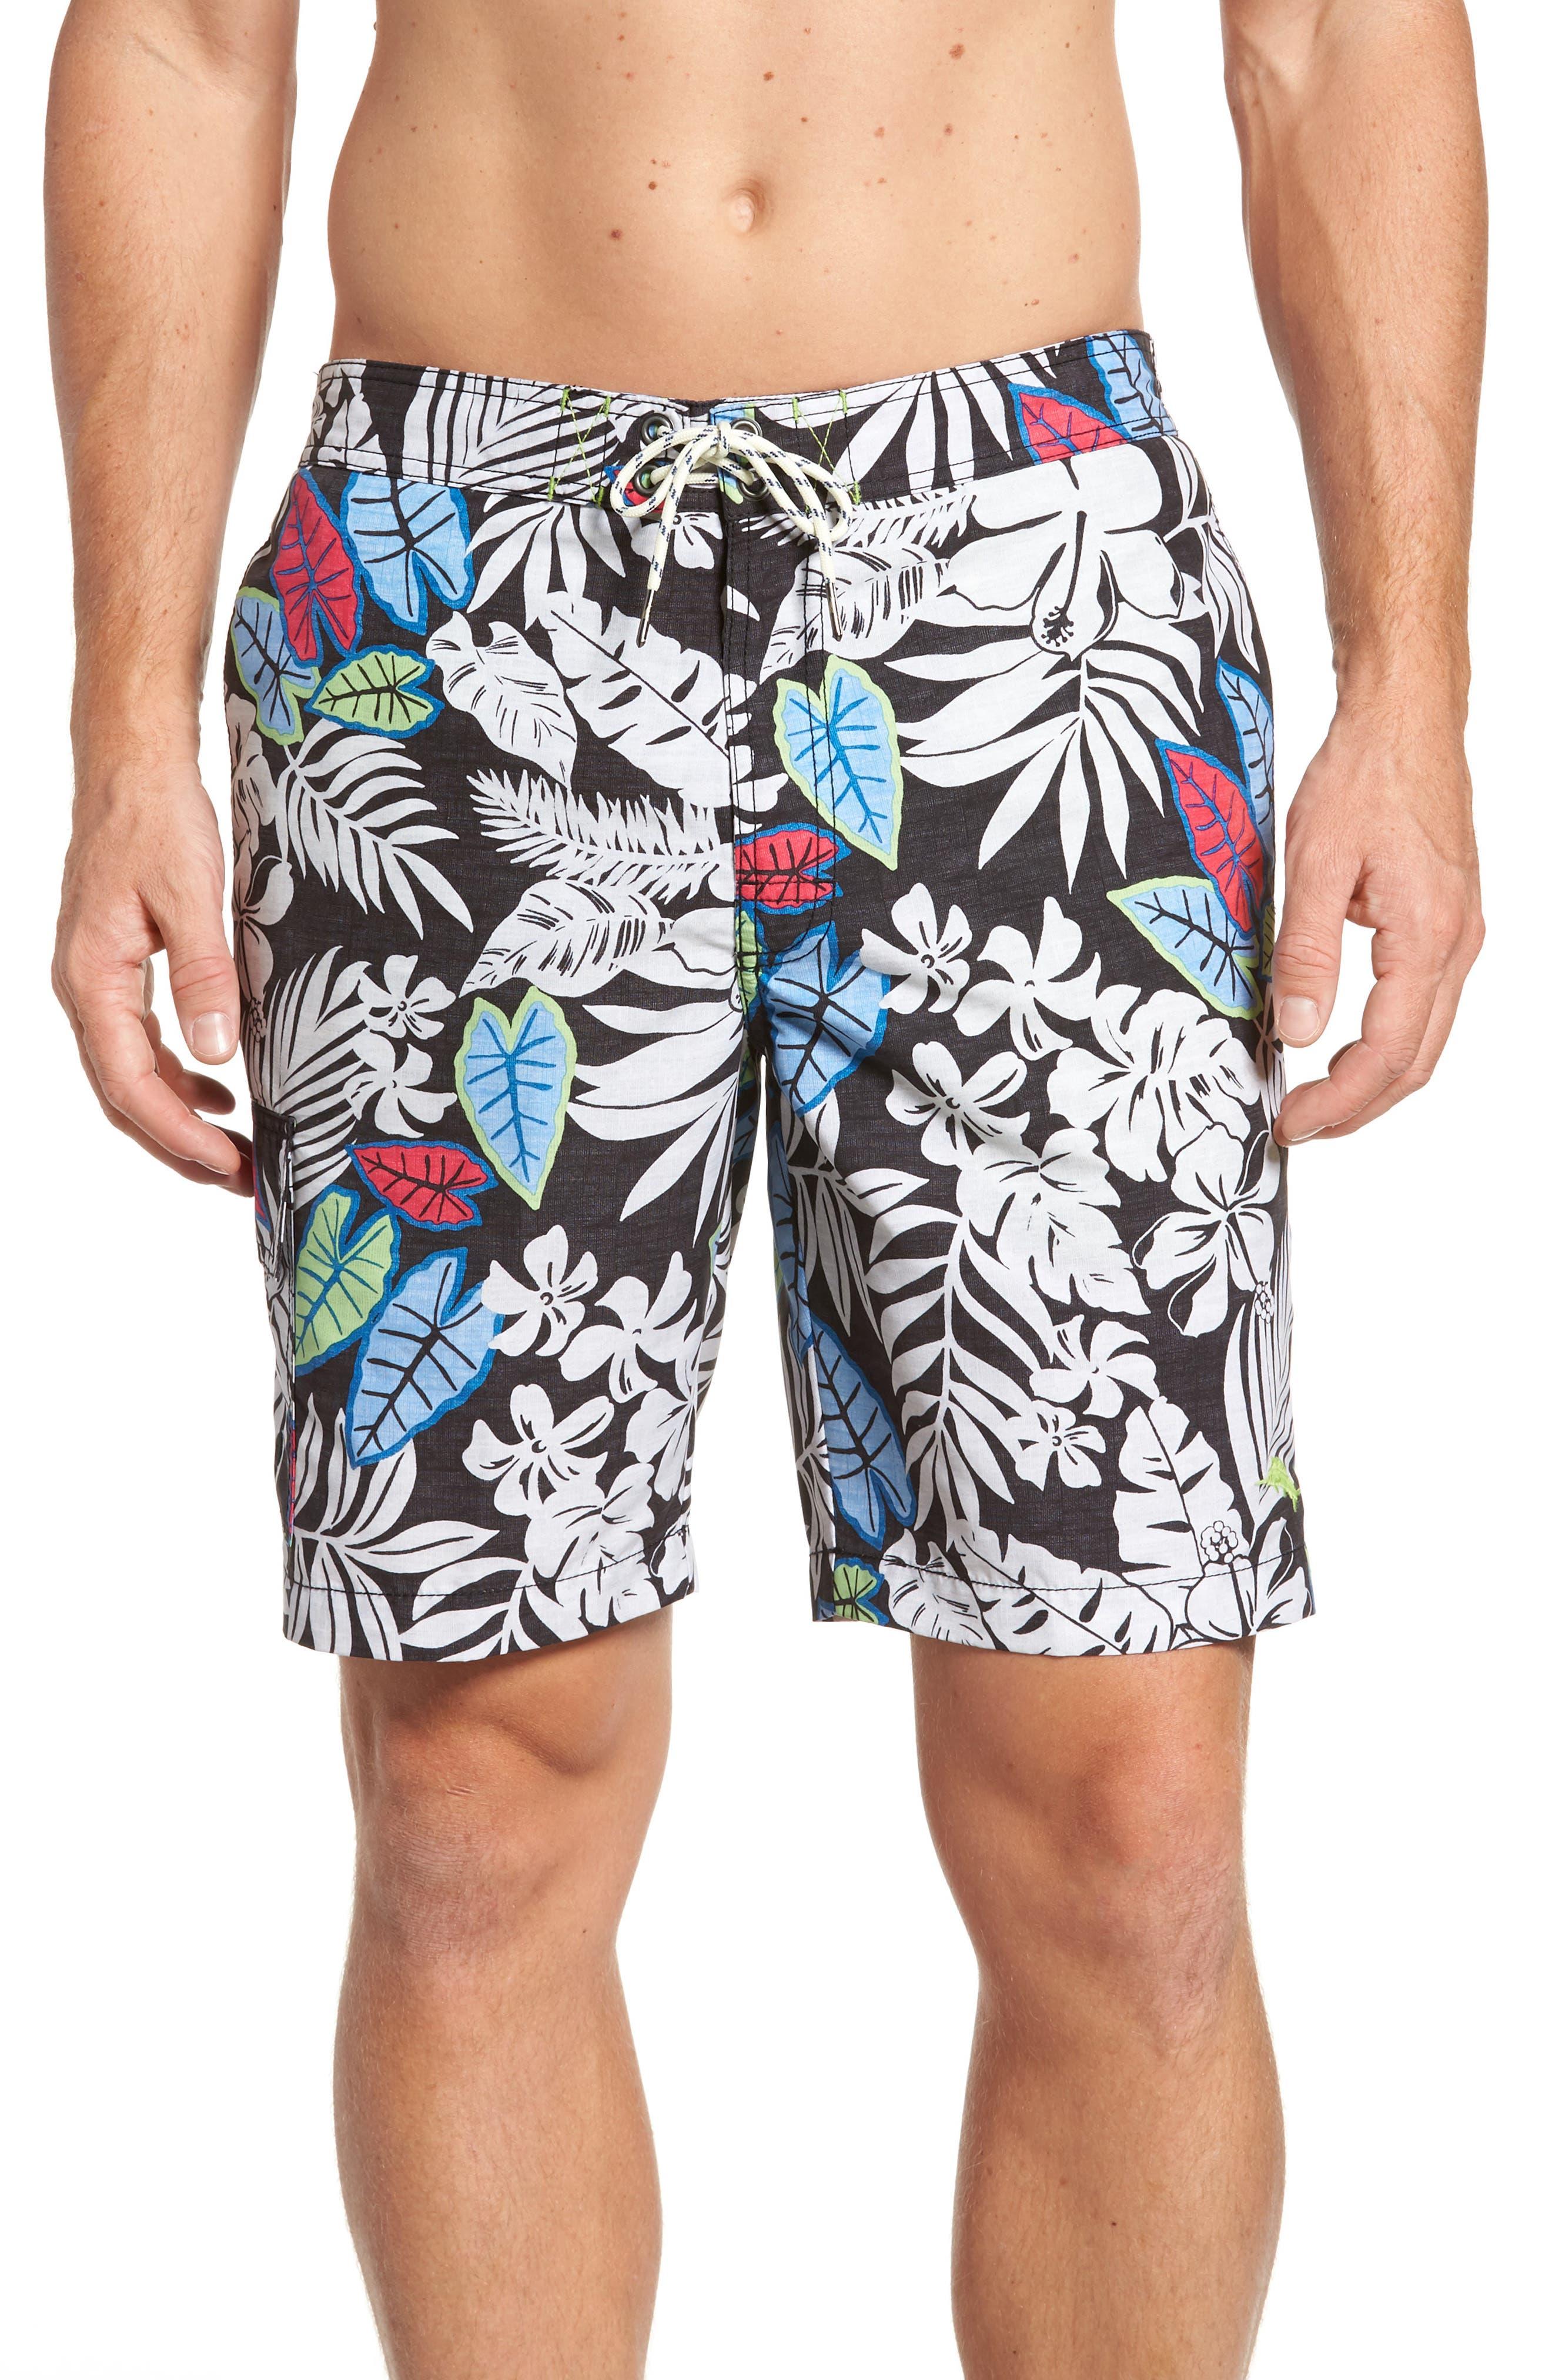 Baja Luau Leaves Board Shorts,                             Main thumbnail 1, color,                             001